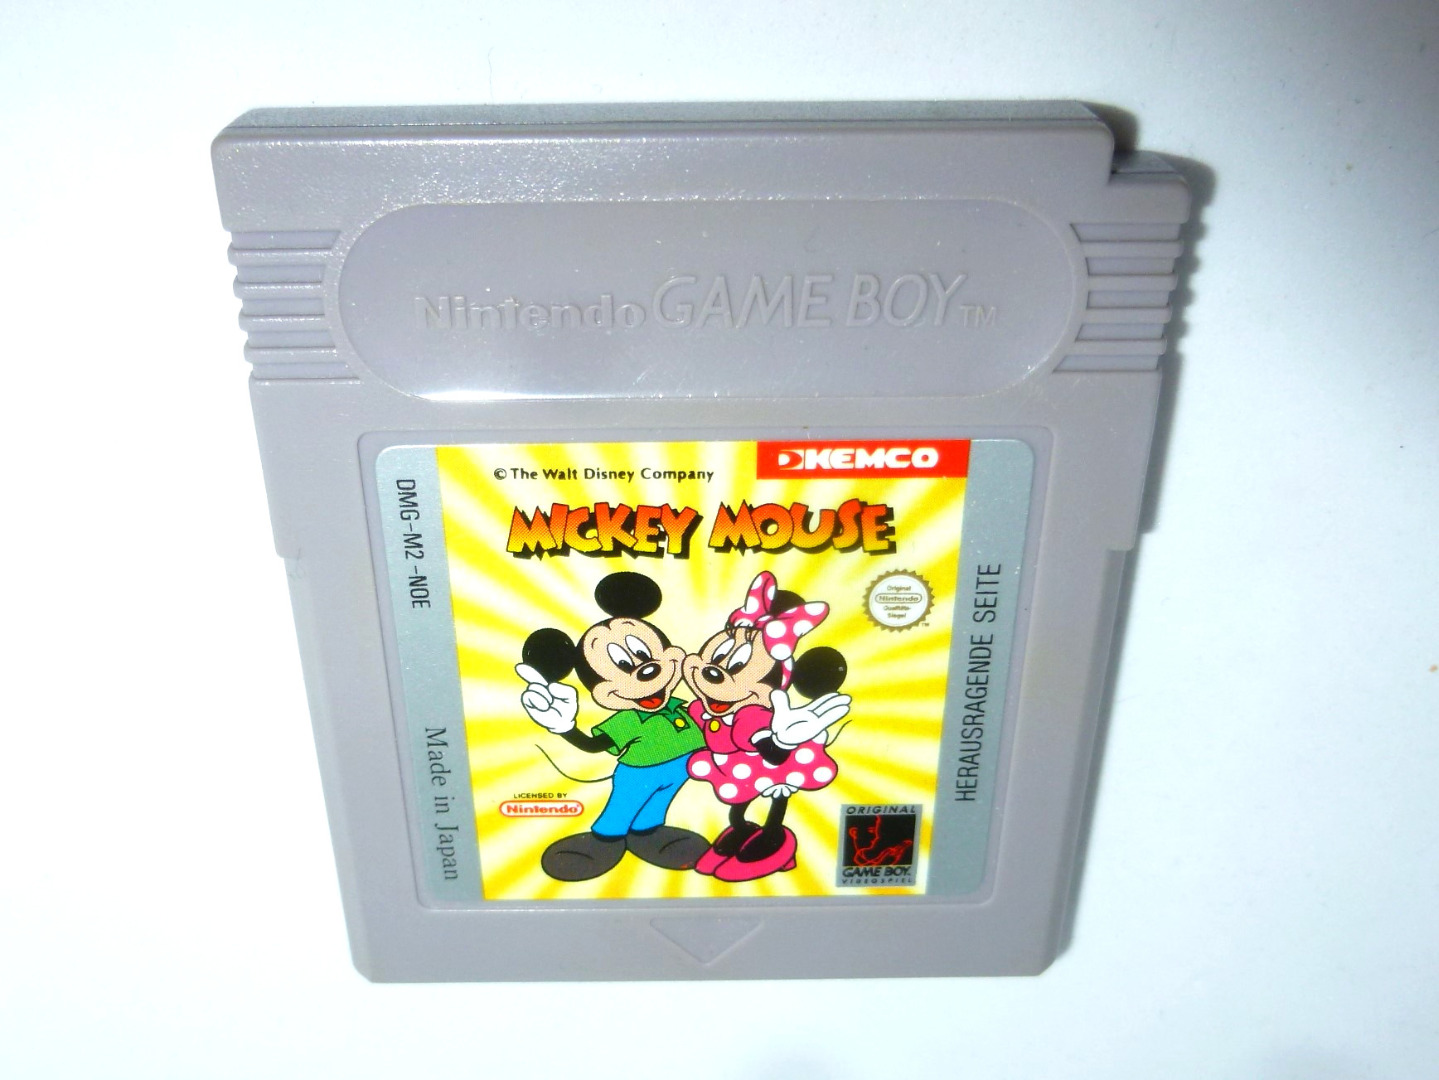 Nintendo Game Boy - Mickey Mouse